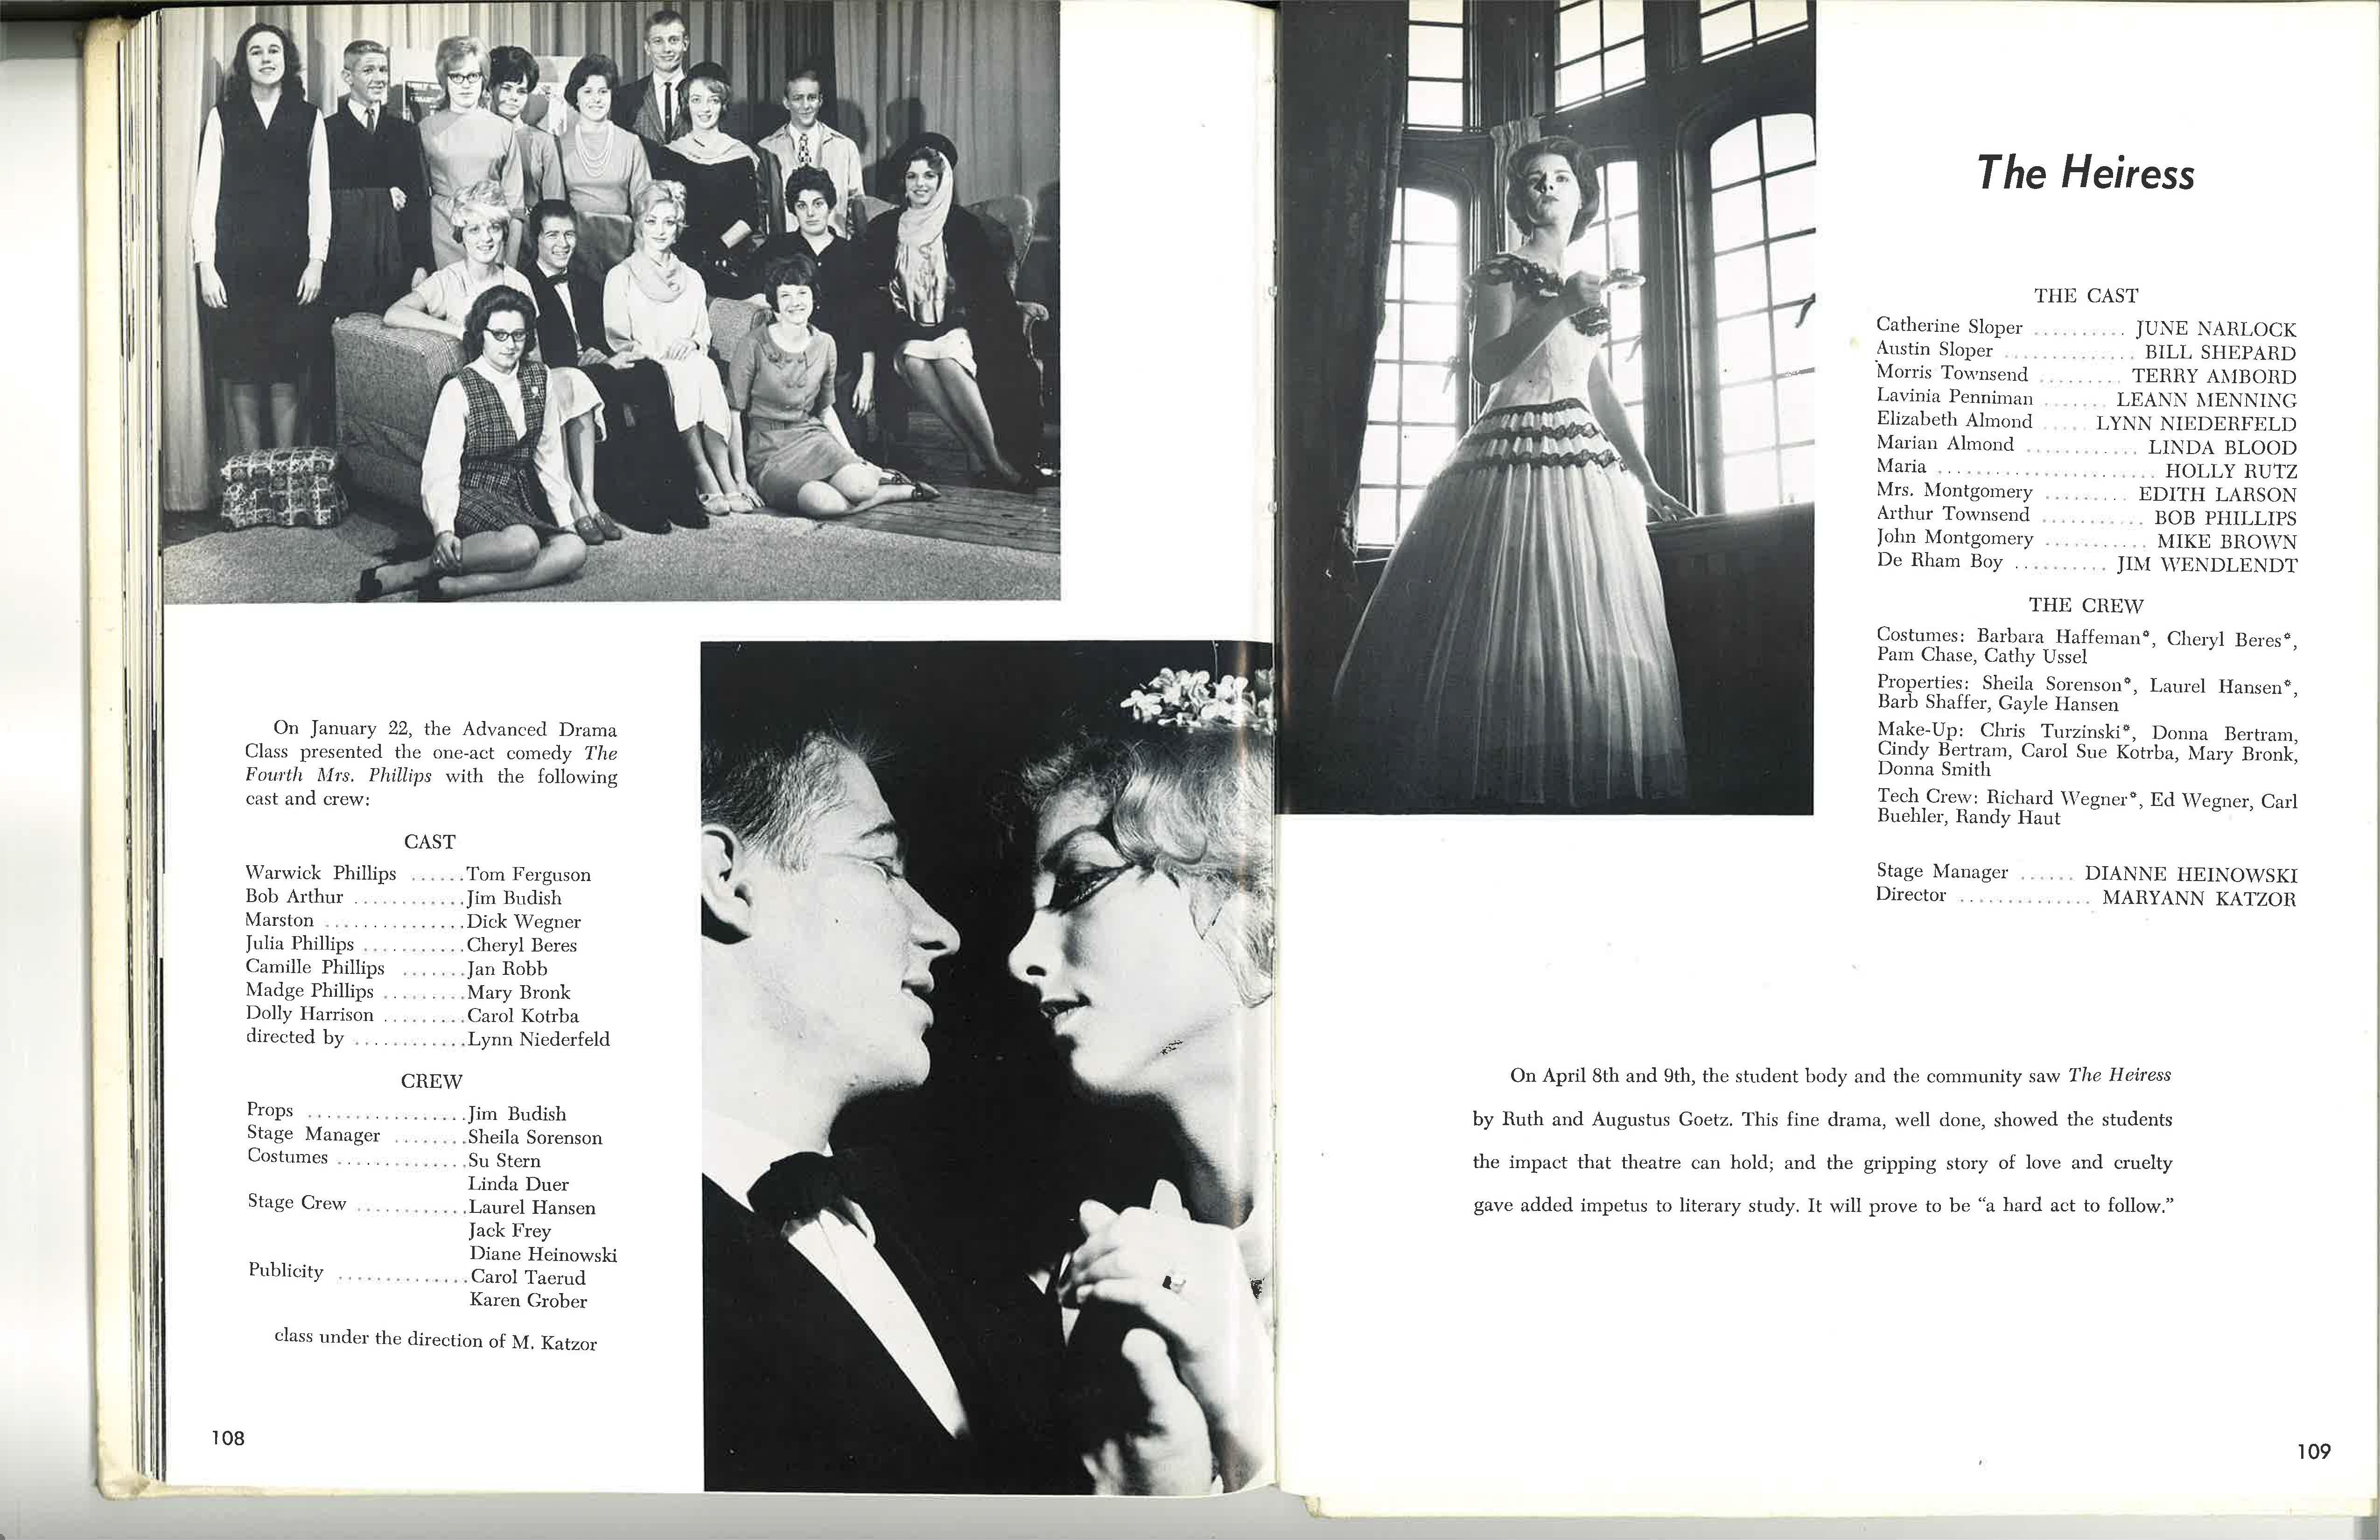 1964_Yearbook_Activities_108-109.jpg